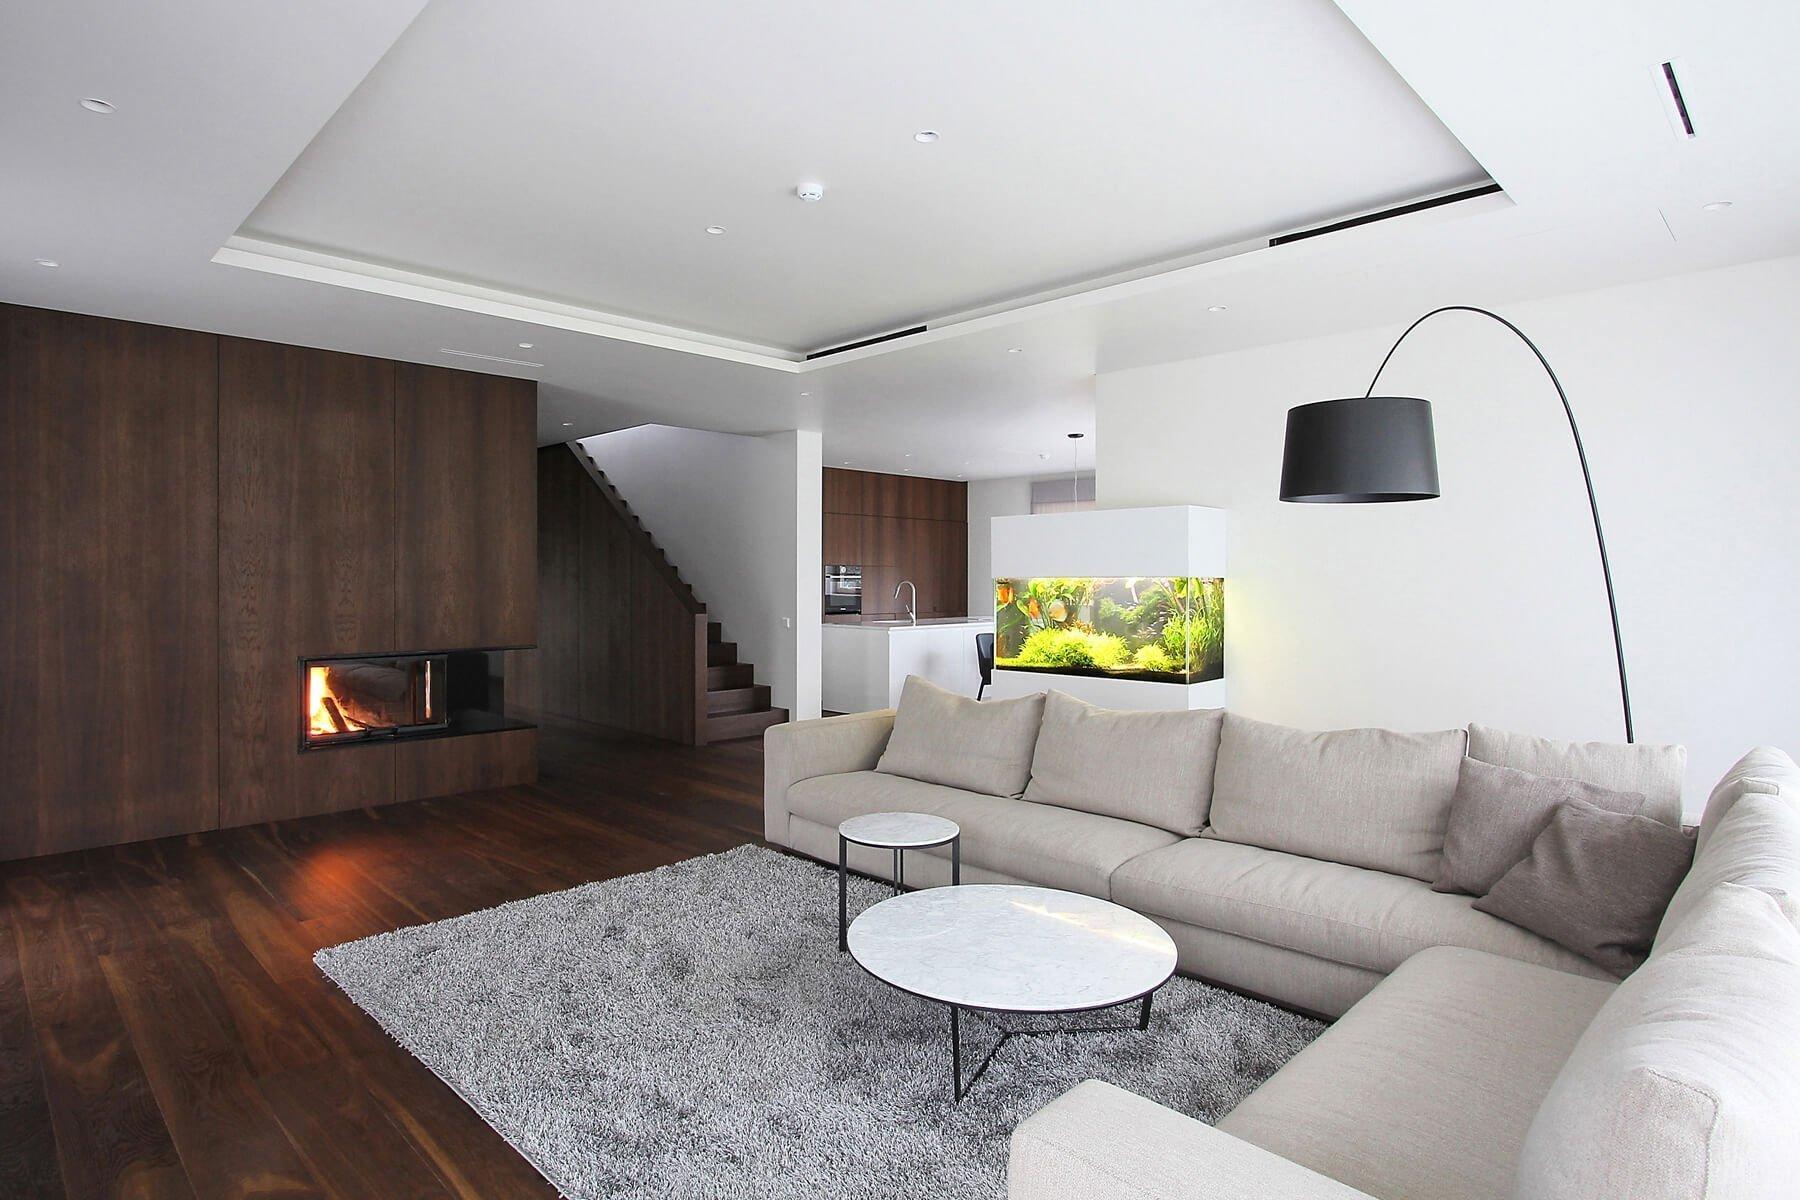 Současný minimalistický styl fandí v interiéru hlavně bílé, šedé a černé barvě. V tomto duchu je zařízen i interiér dvoupodlažního domu ve čtvrtém největším litevském městě Šiauliai, jehož tvůrci jsou architekti Ramūnas Manikas a Valdas Kontrimas. Černo-šedo-bílé bydlení zde barevně rozbíjí jen moderně pojaté akvárium, které na sebe okamžitě strhává pozornost.